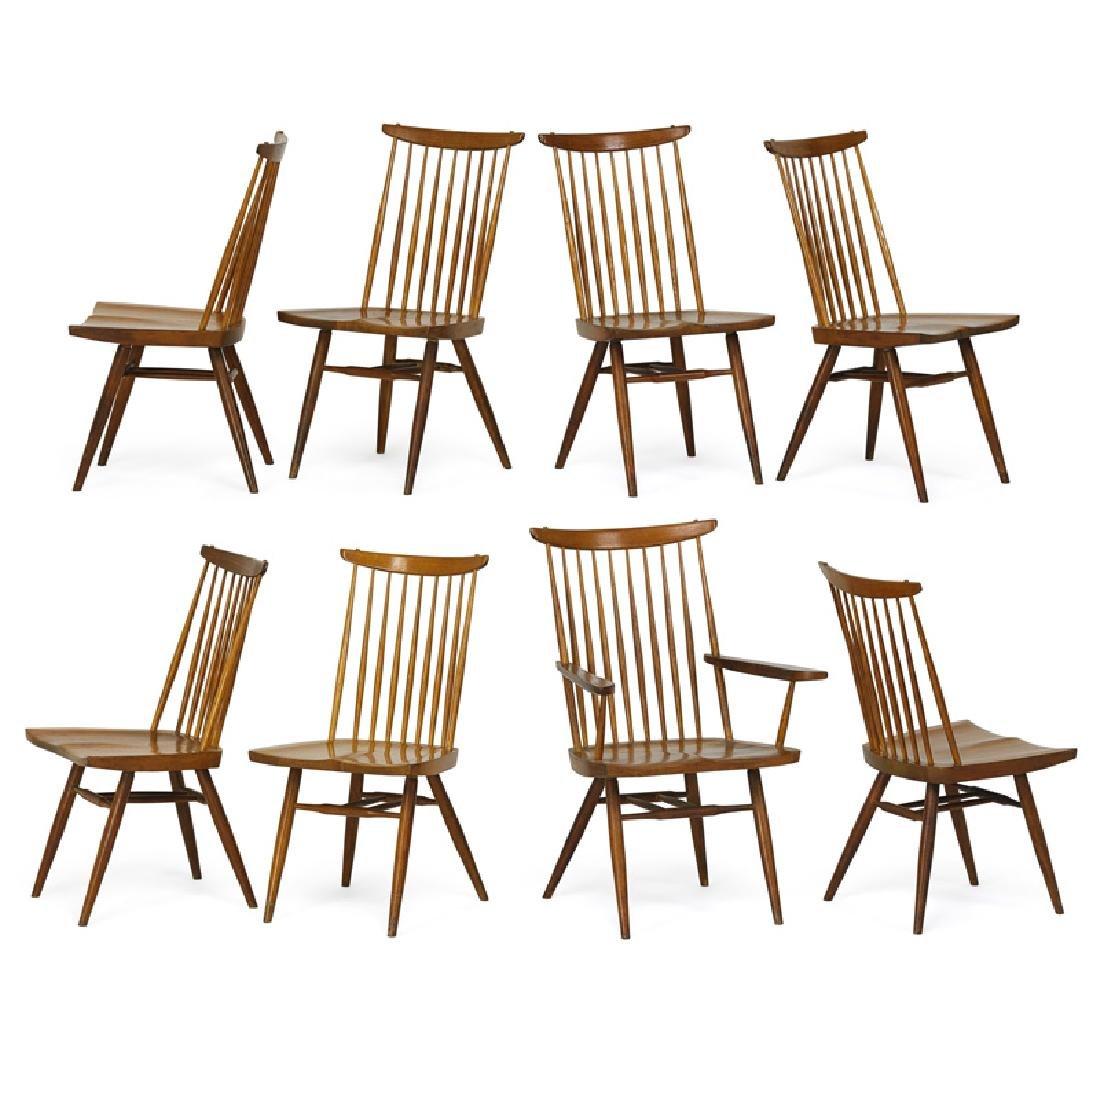 GEORGE NAKASHIMA Eight New chairs